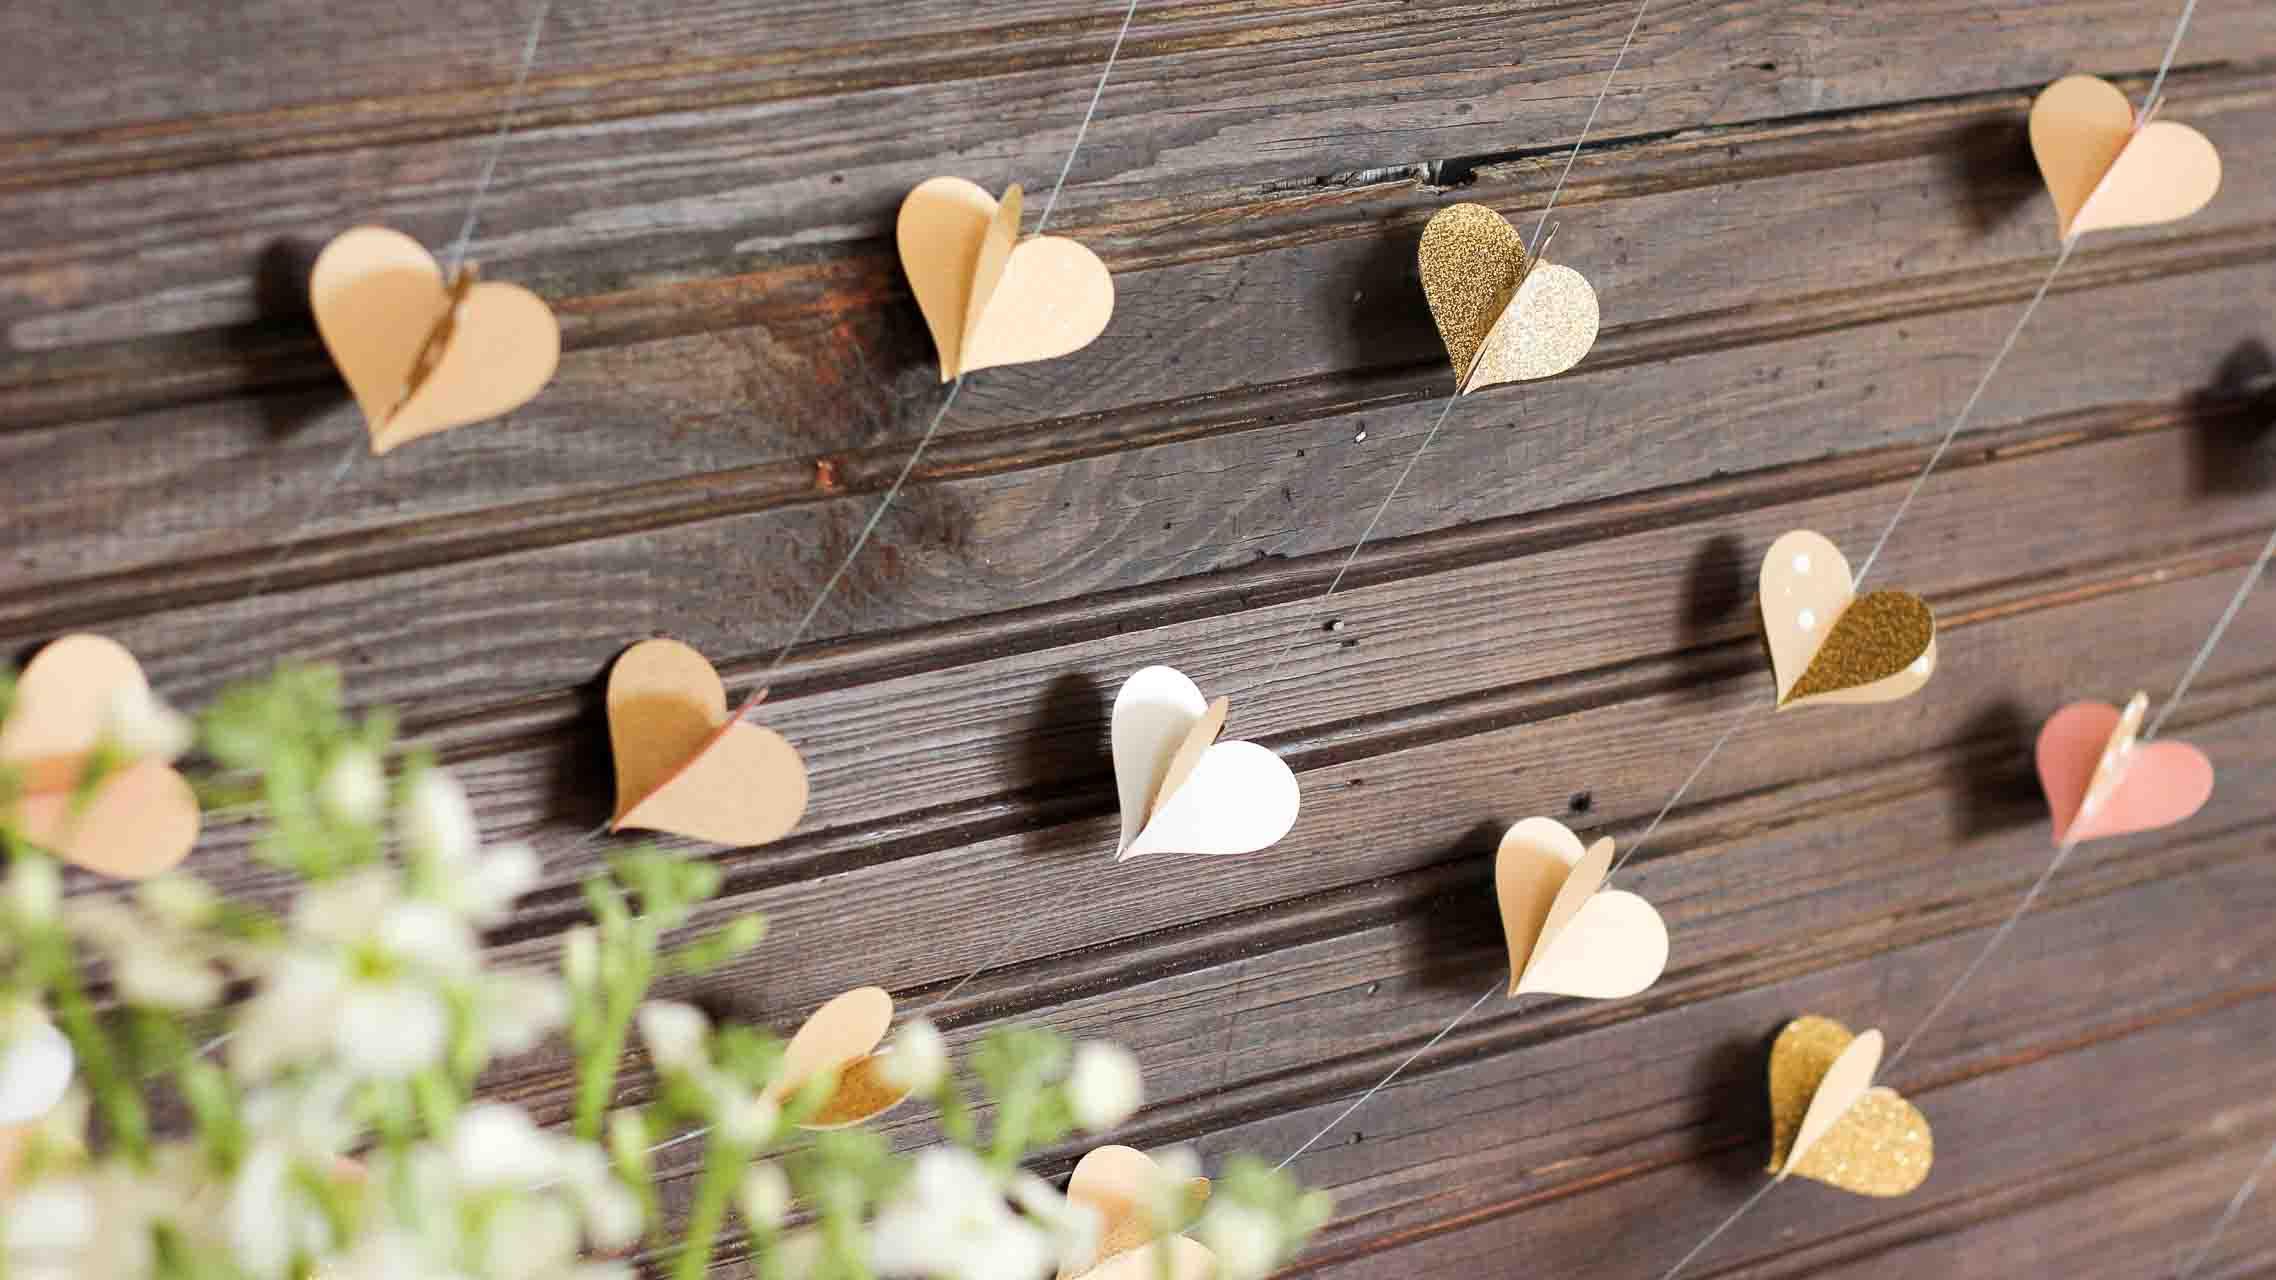 Гирлянду из сердечек можно с легкостью использовать не только для украшения зала на Новый год, но и при подготовке праздника ко Дню влюбленных, или на свадебное торжество